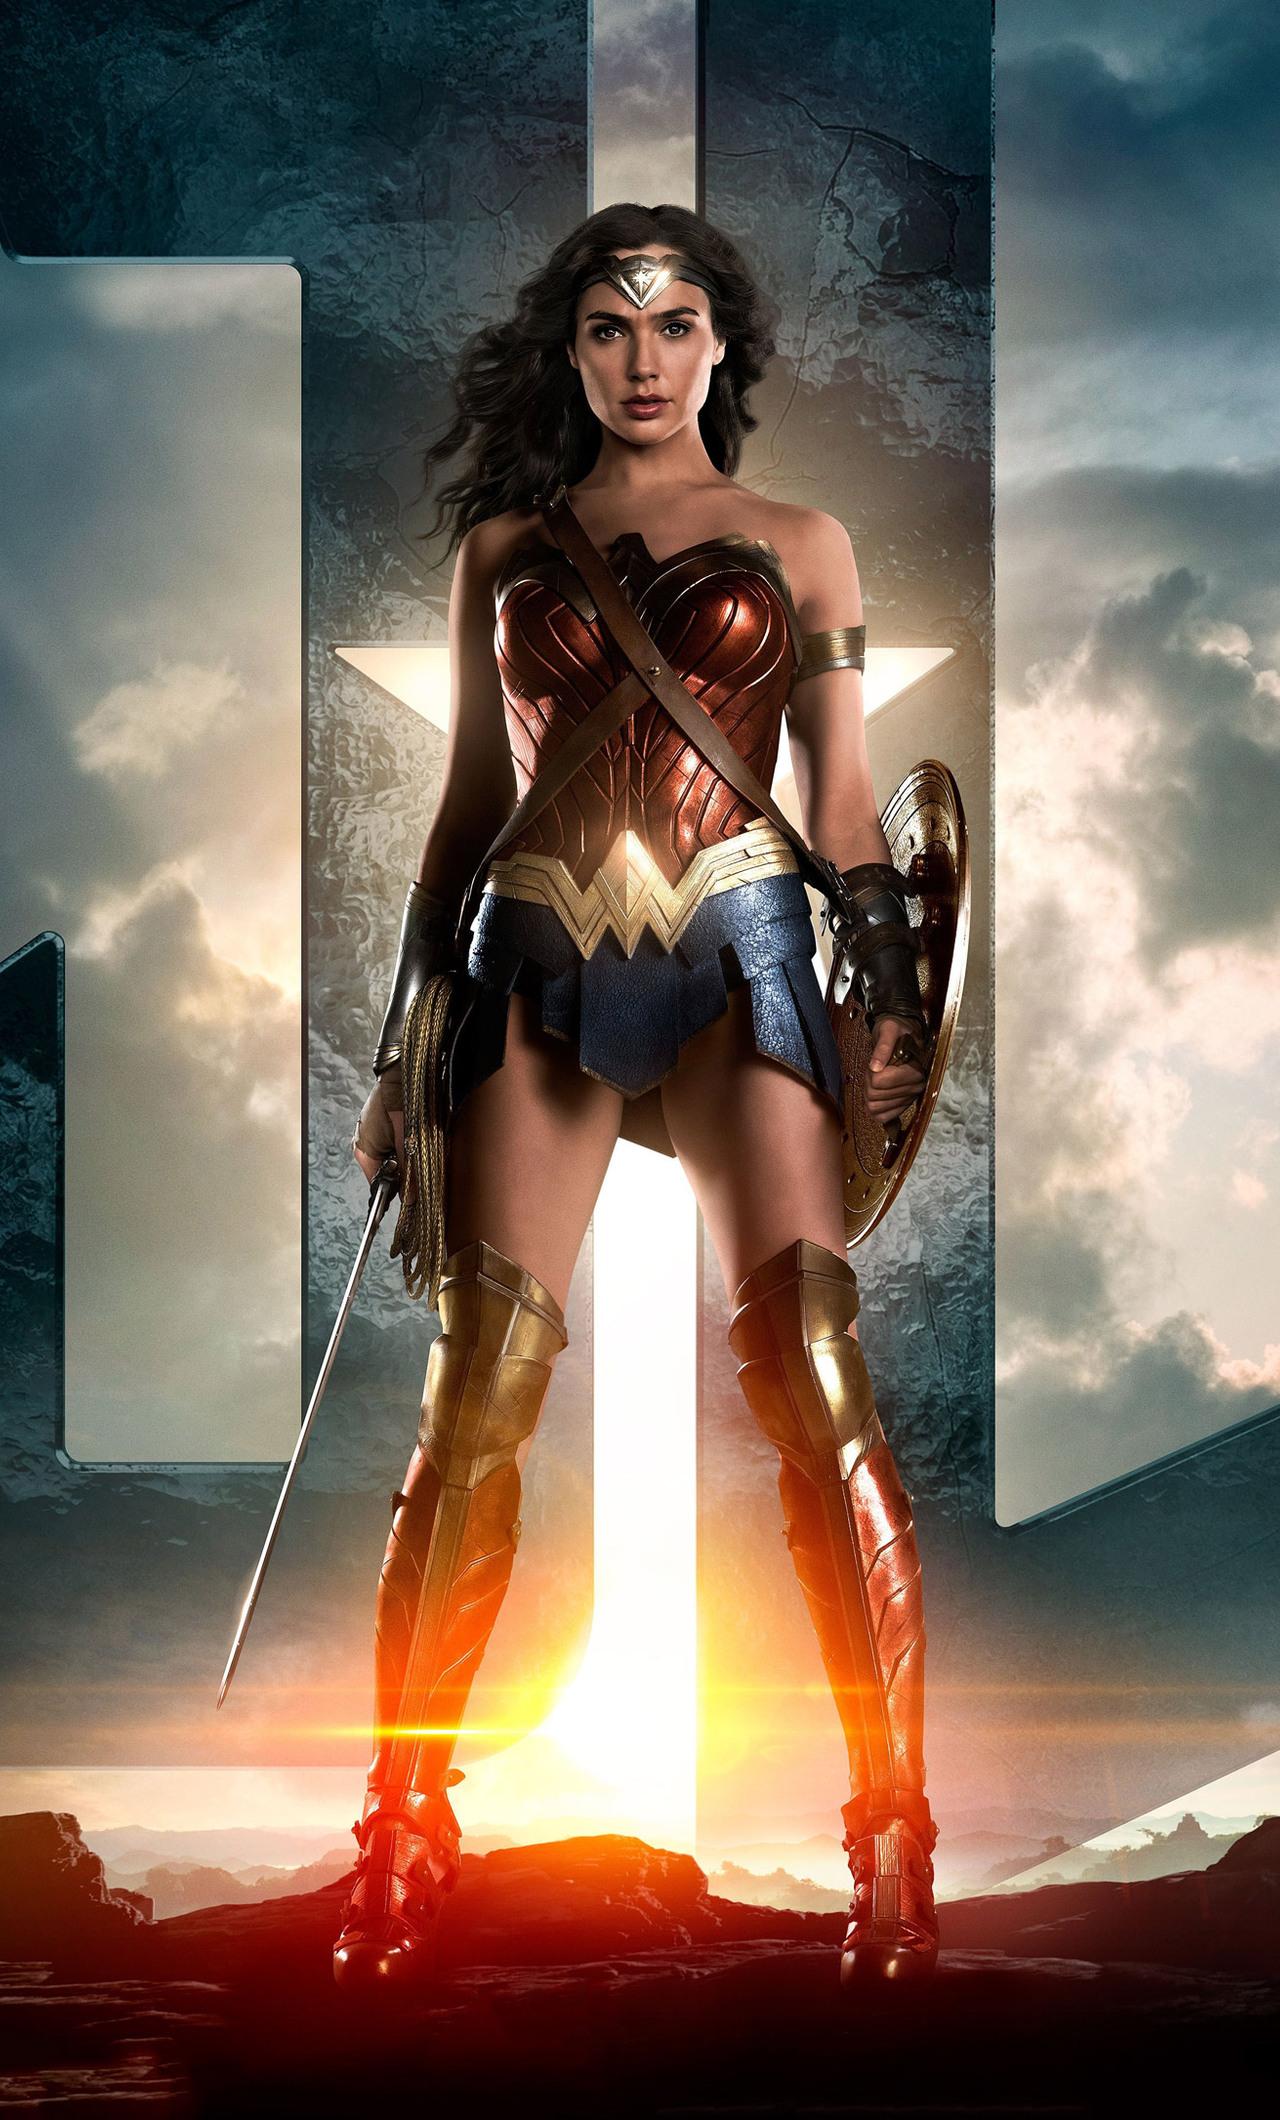 Wonder Woman Justice League 2017 Image